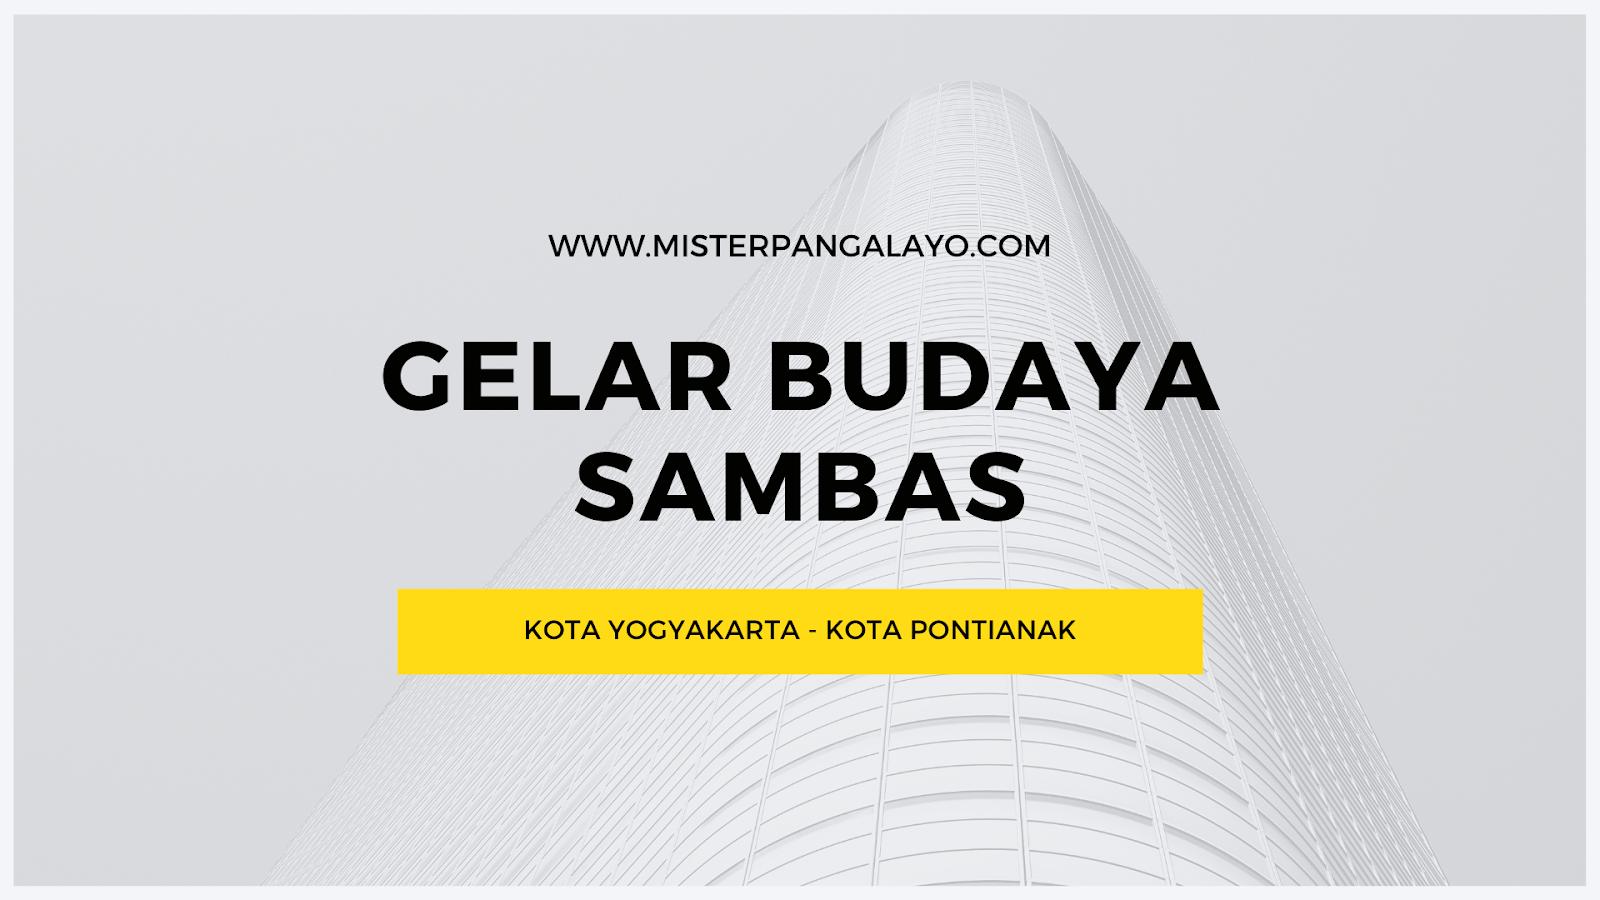 GELAR BUDAYA SAMBAS